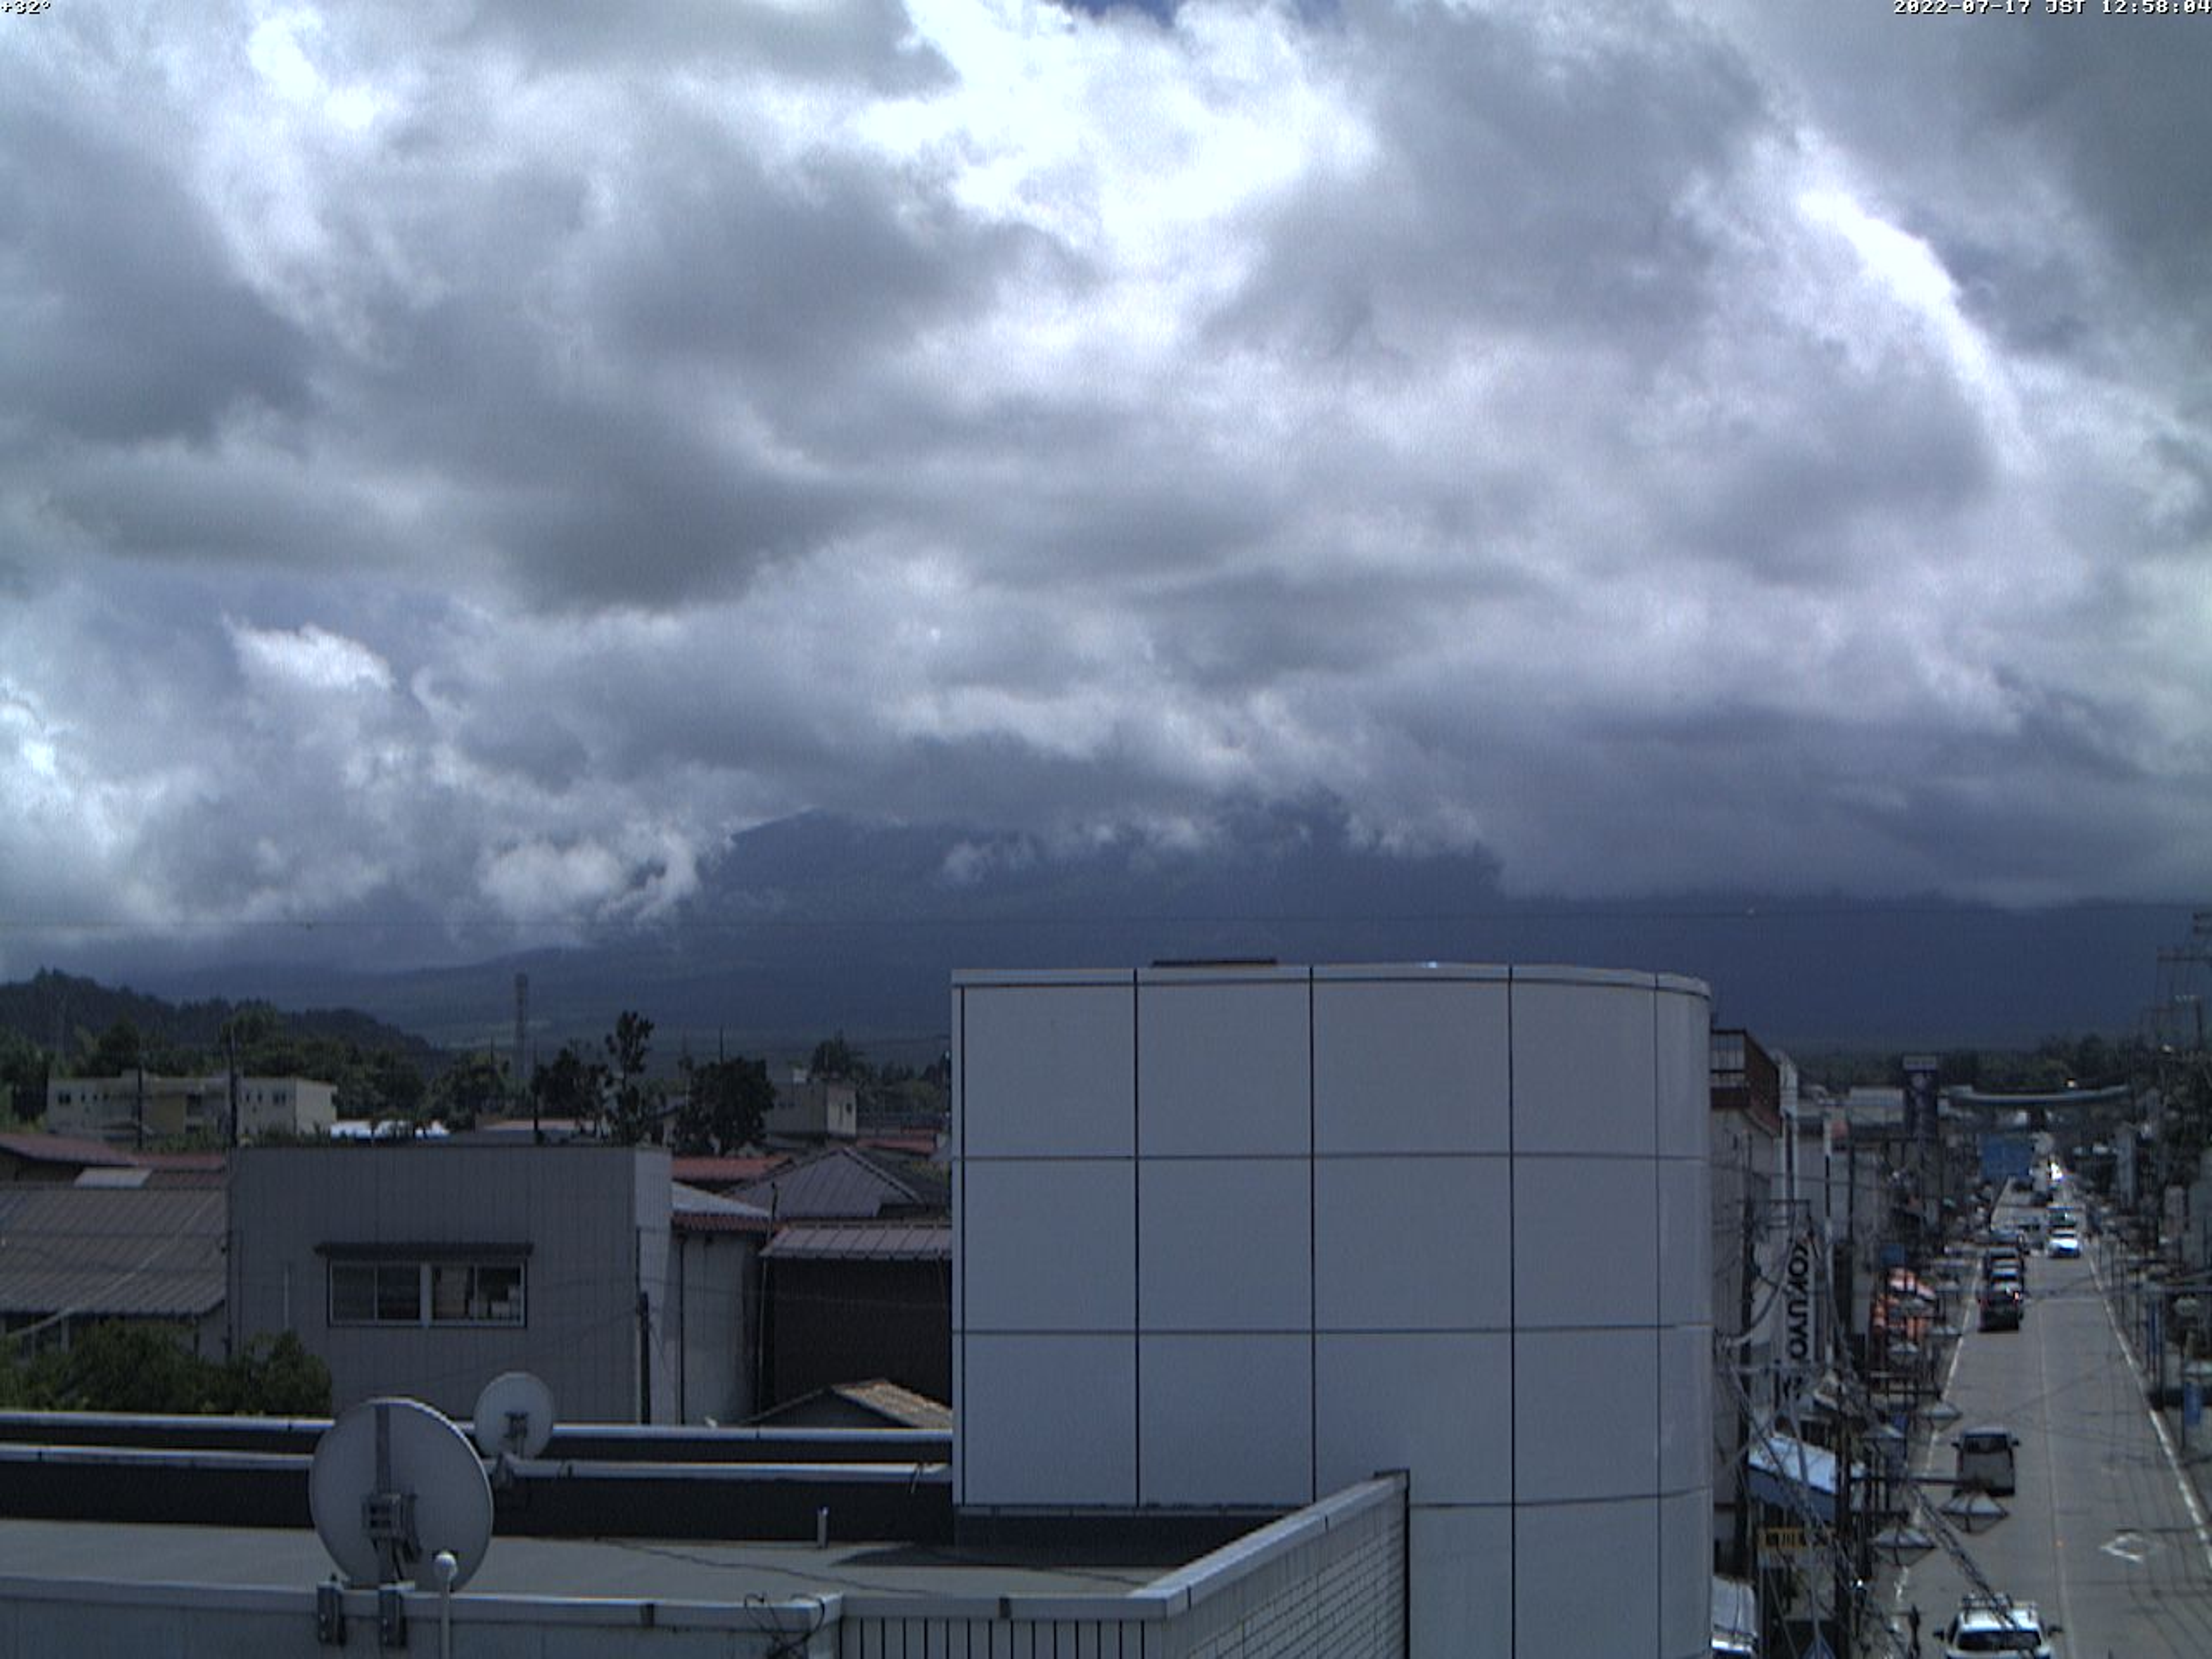 富士山ライブカメラ(富士吉田市中曽根カメラ)